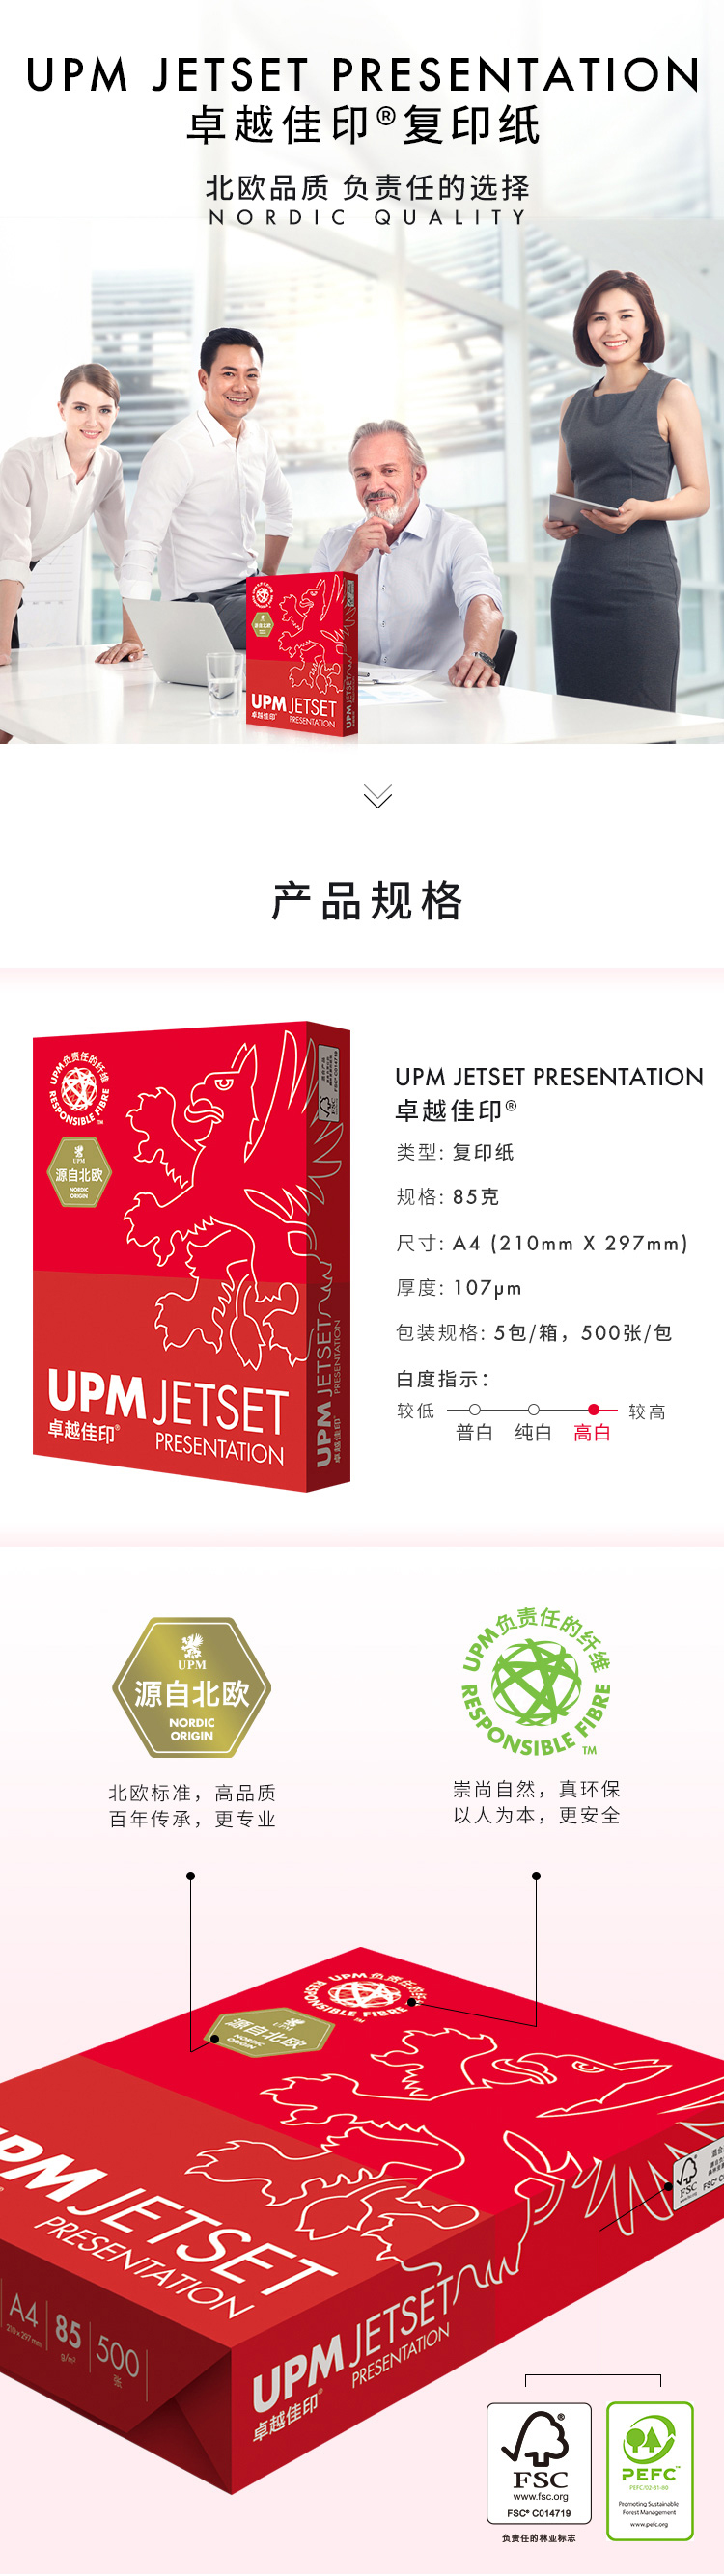 UPM 卓越佳印 85克 A4 复印纸 500张/包 5包/箱(高白)